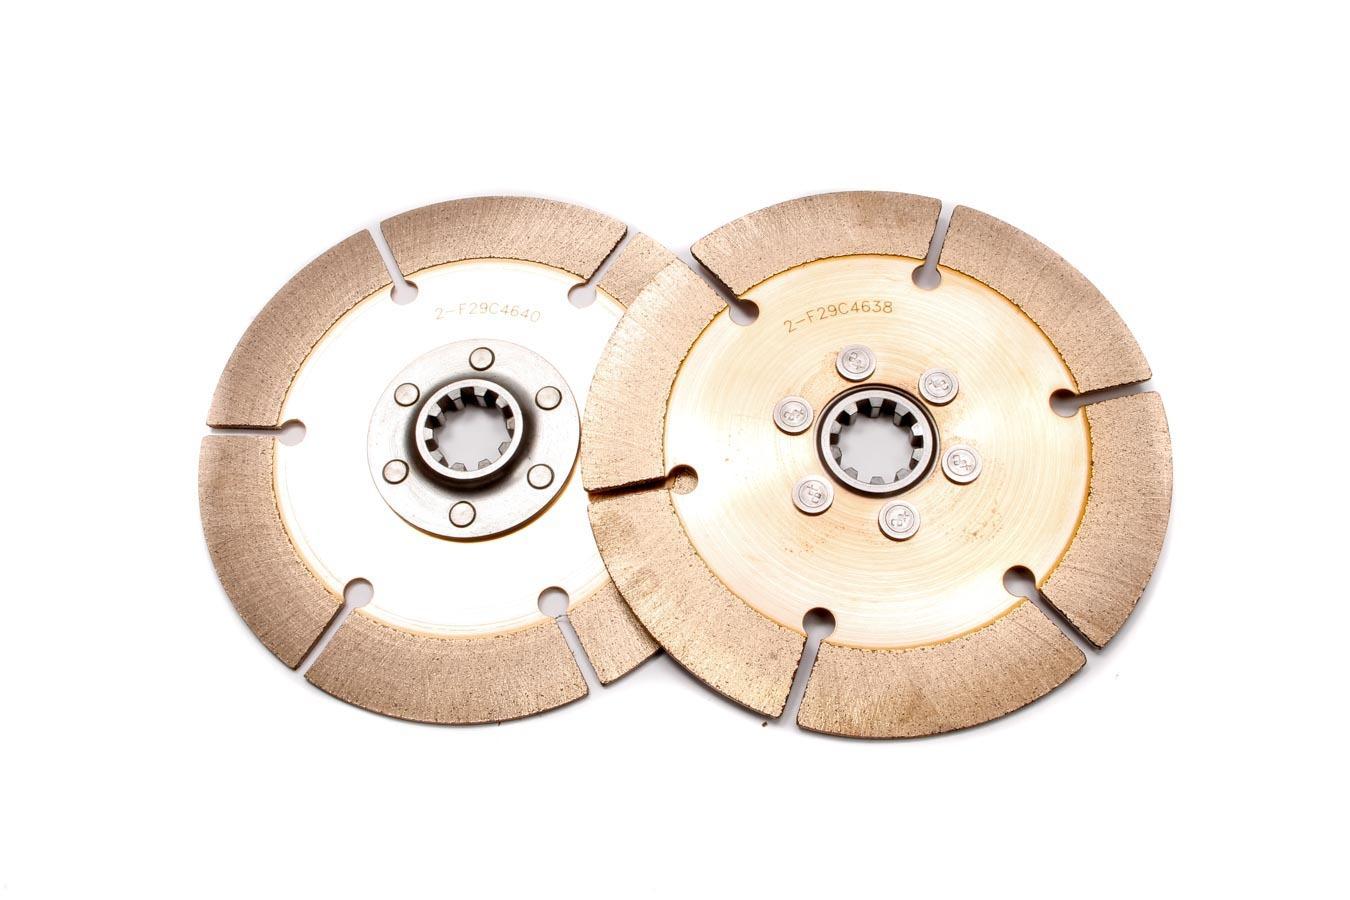 Tilton Disc Pack 1-1/8 x 10 Spl 2 Pack